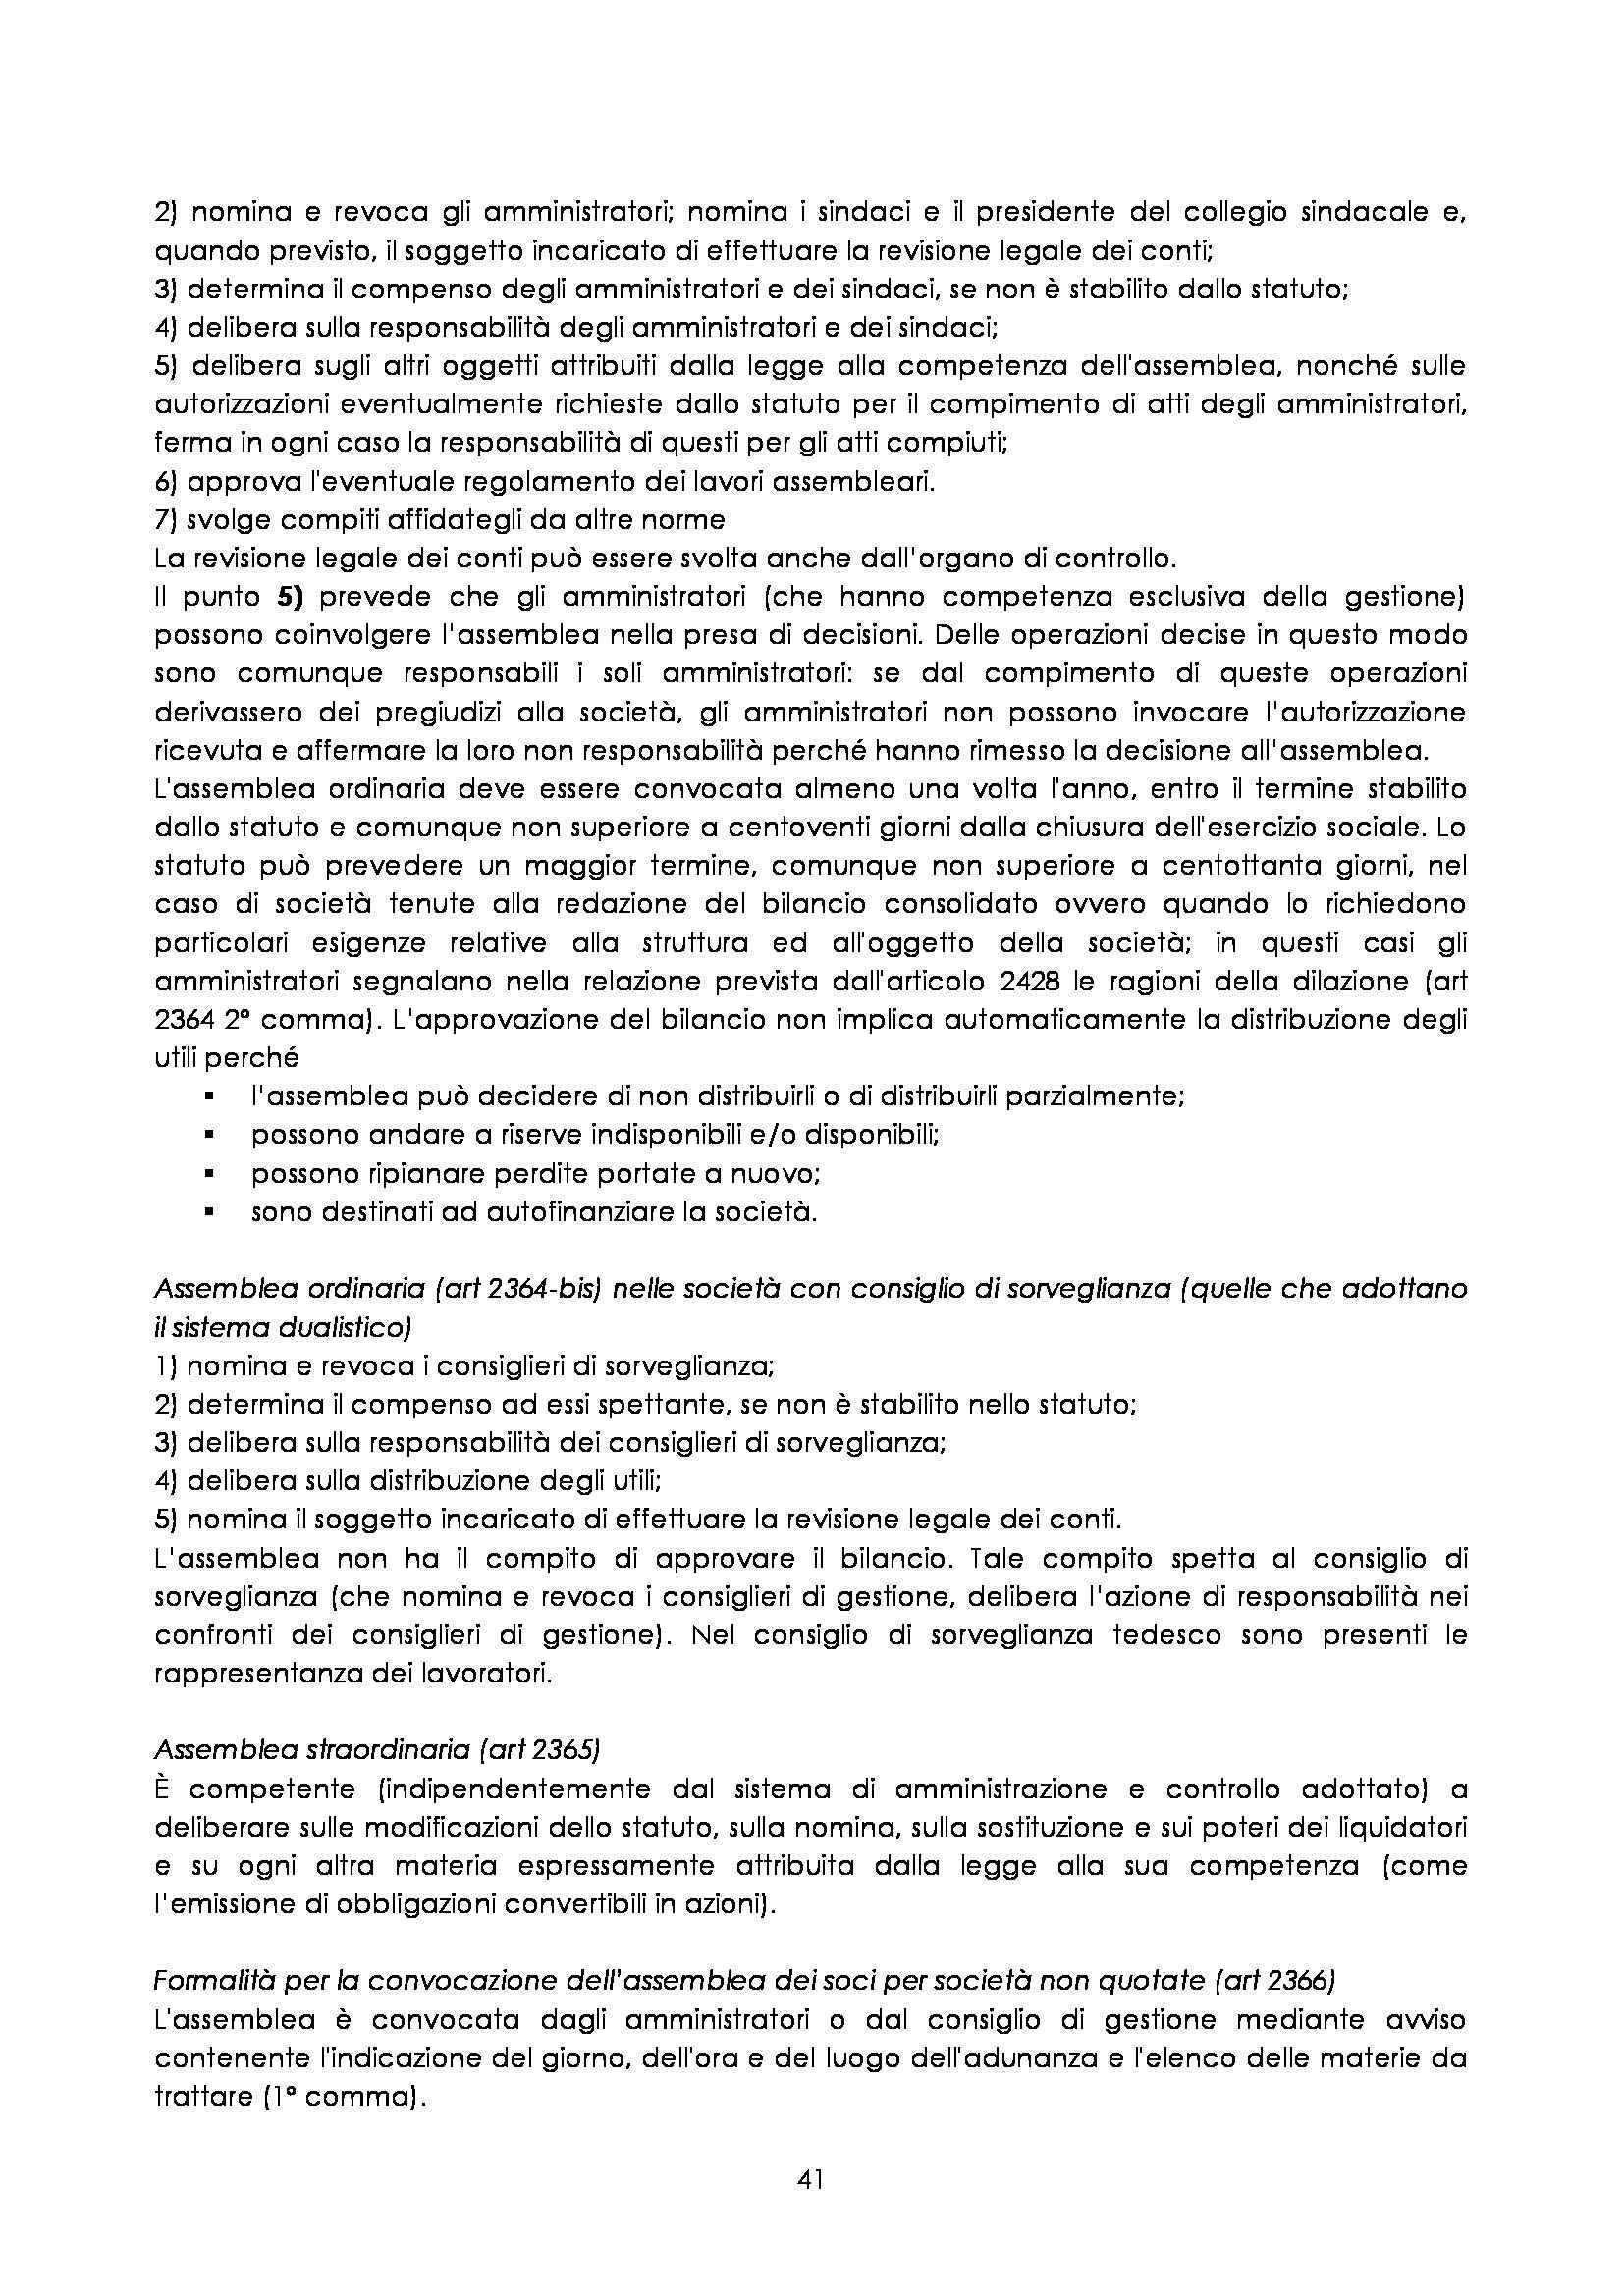 Diritto commerciale  - Appunti delle lezioni Pag. 41